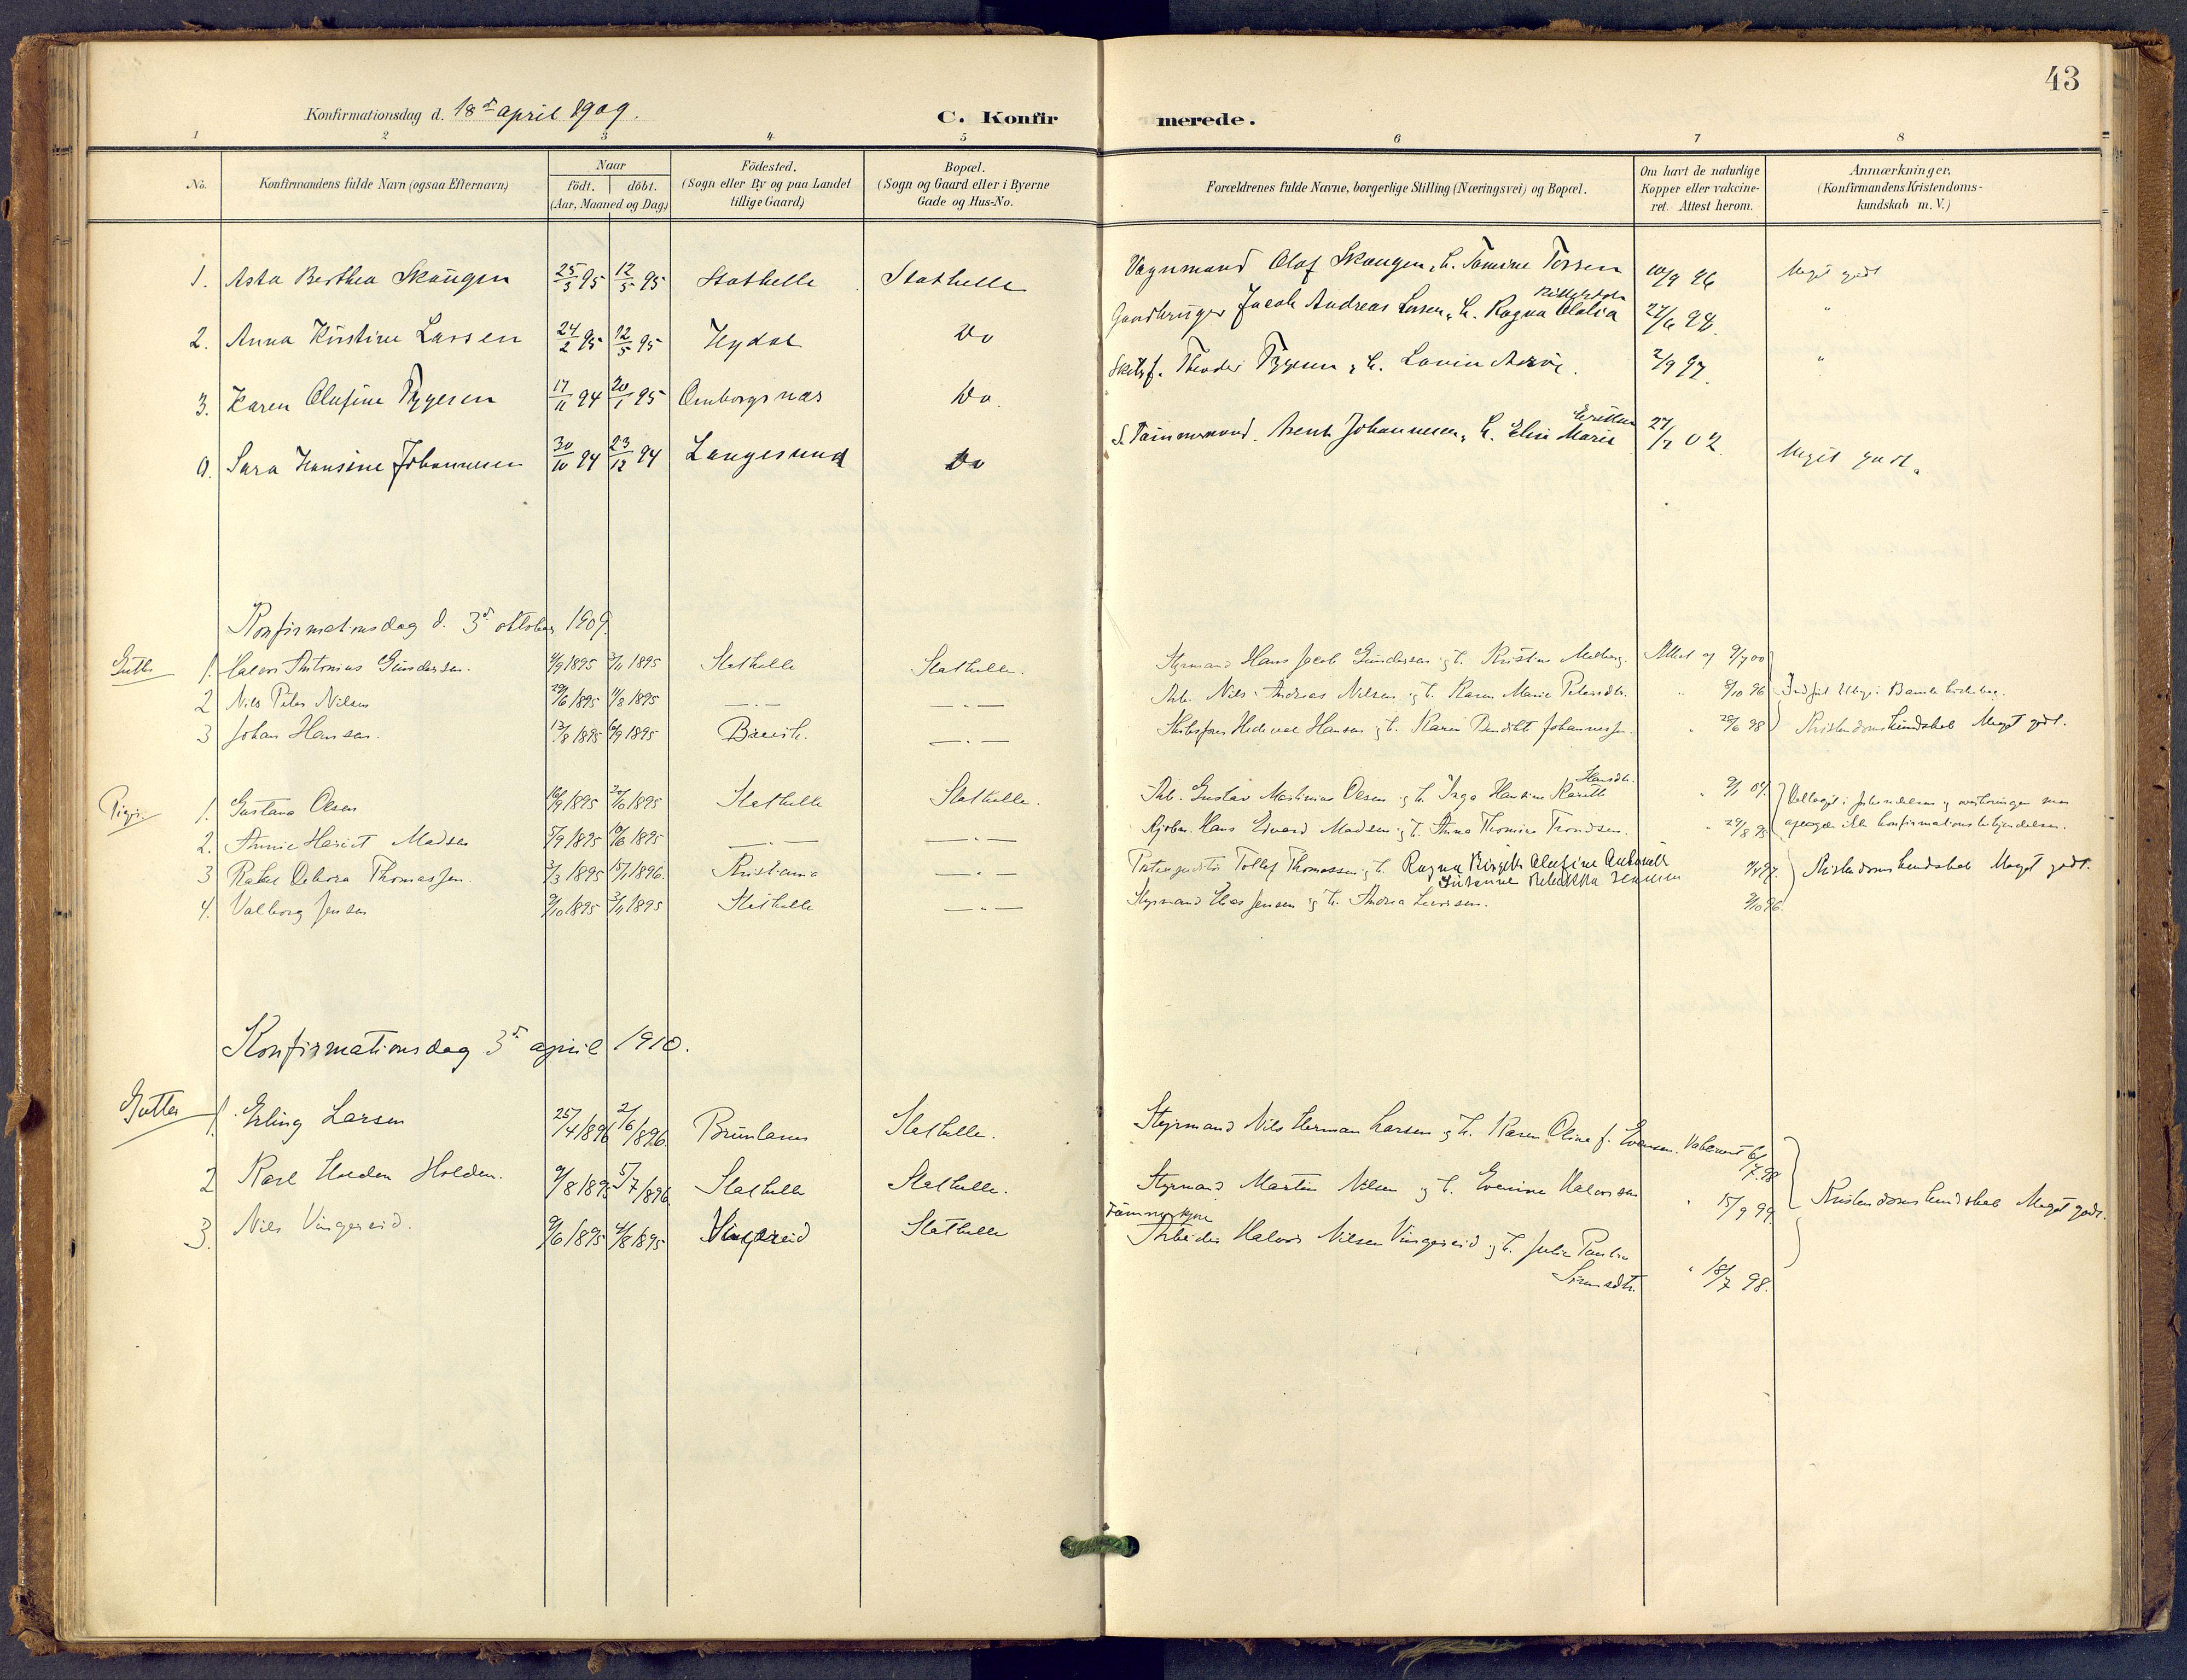 SAKO, Bamble kirkebøker, F/Fb/L0002: Ministerialbok nr. II 2, 1900-1921, s. 43